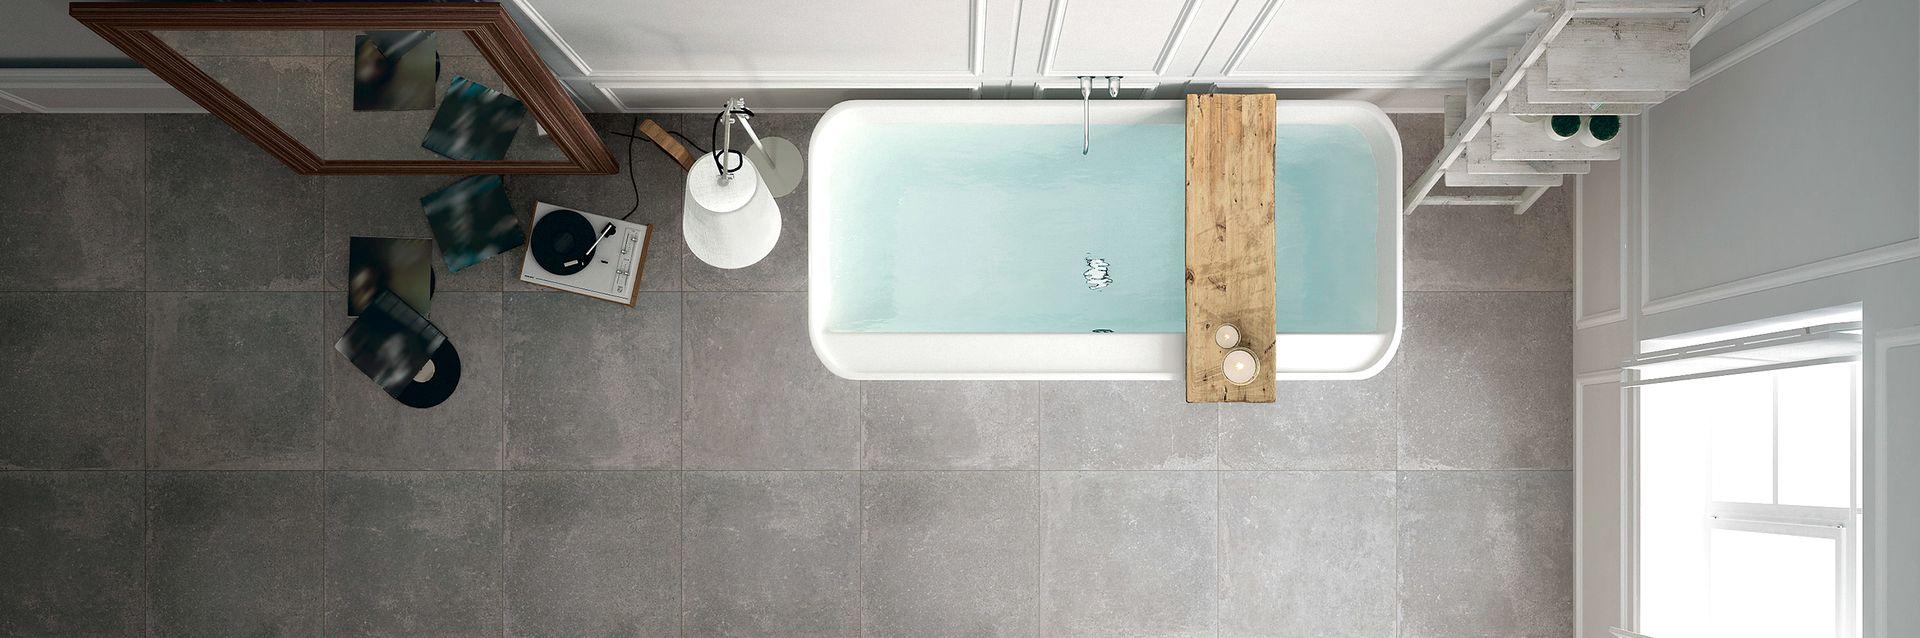 Tegels in de badkamer: dit zijn de mogelijkheden - Baden+